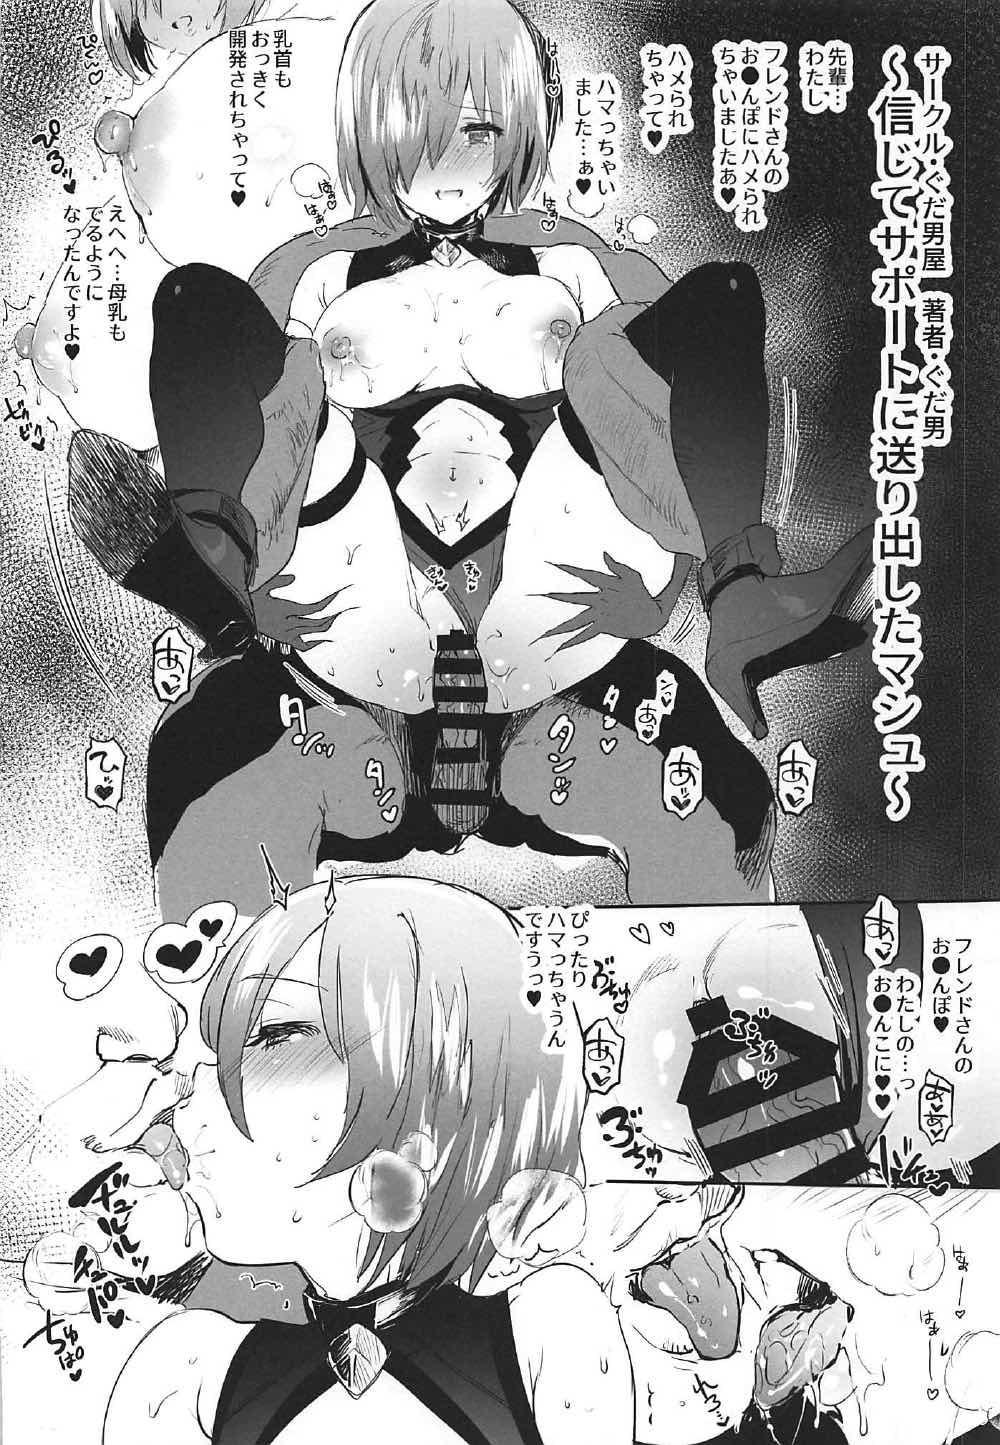 Neteiru Watashi ni Ecchina koto Shichaundesune... 21